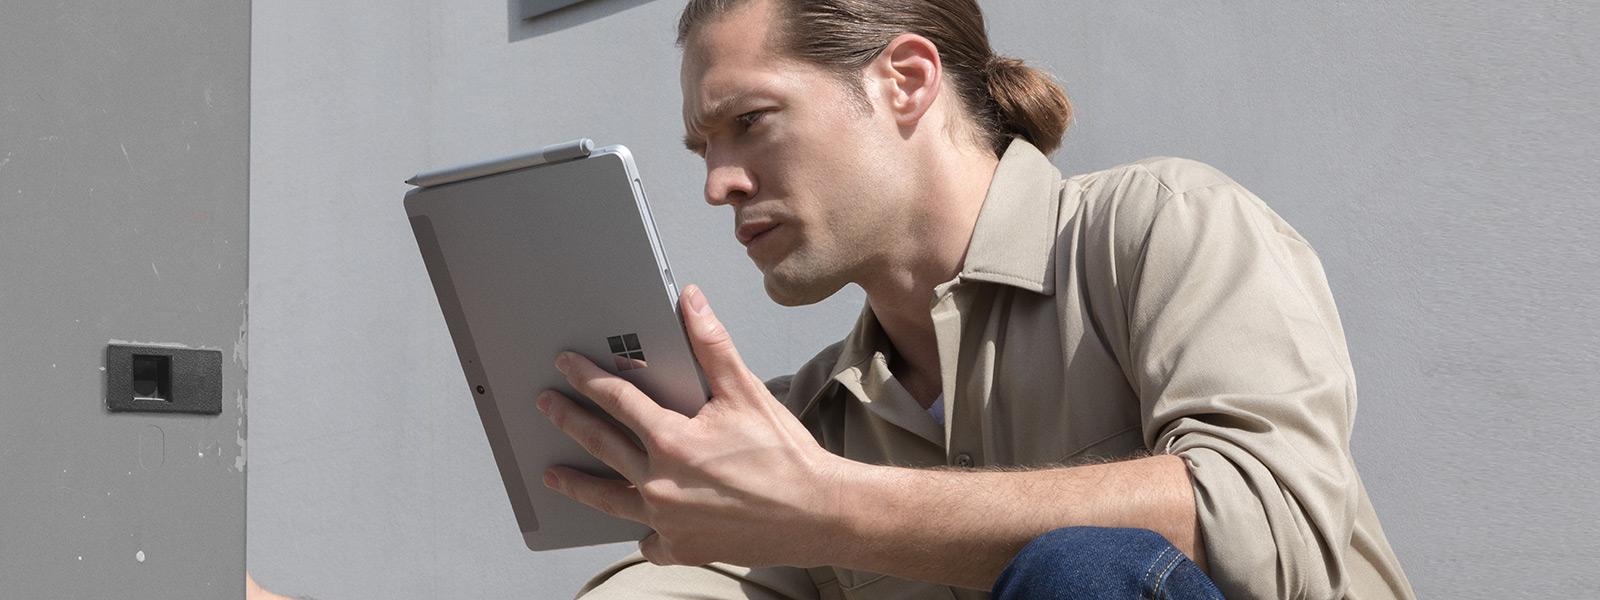 현장에서 이동하며 태블릿 모드의 Surface Pro with LTE Advanced를 사용하는 남성 작업자